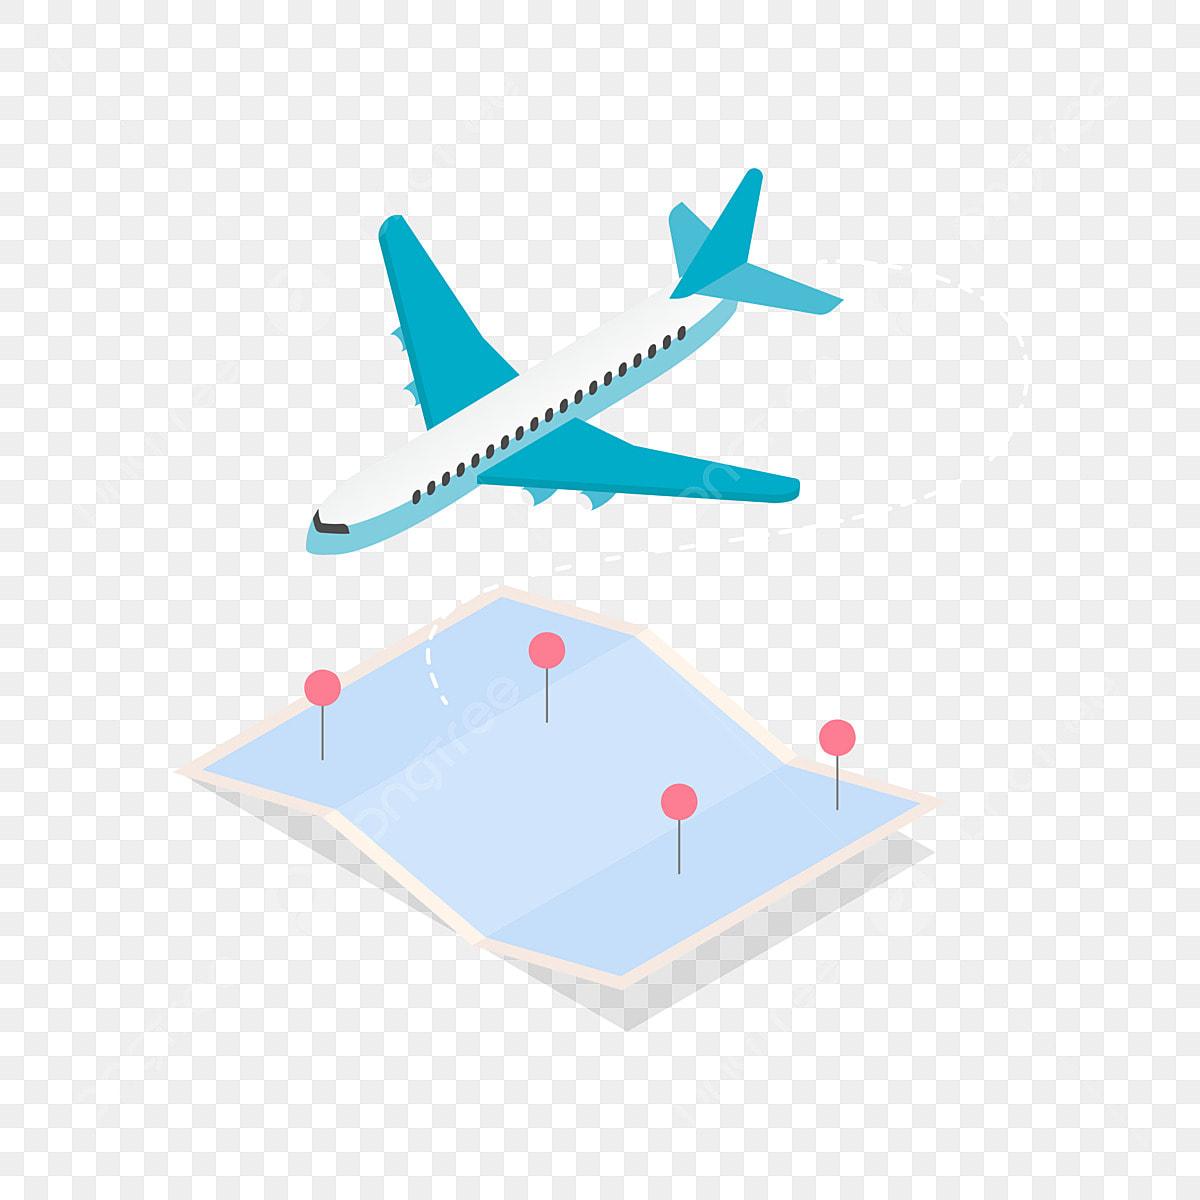 無料ダウンロードのための飛行機 飛行機模型 旅客機 航空png画像素材